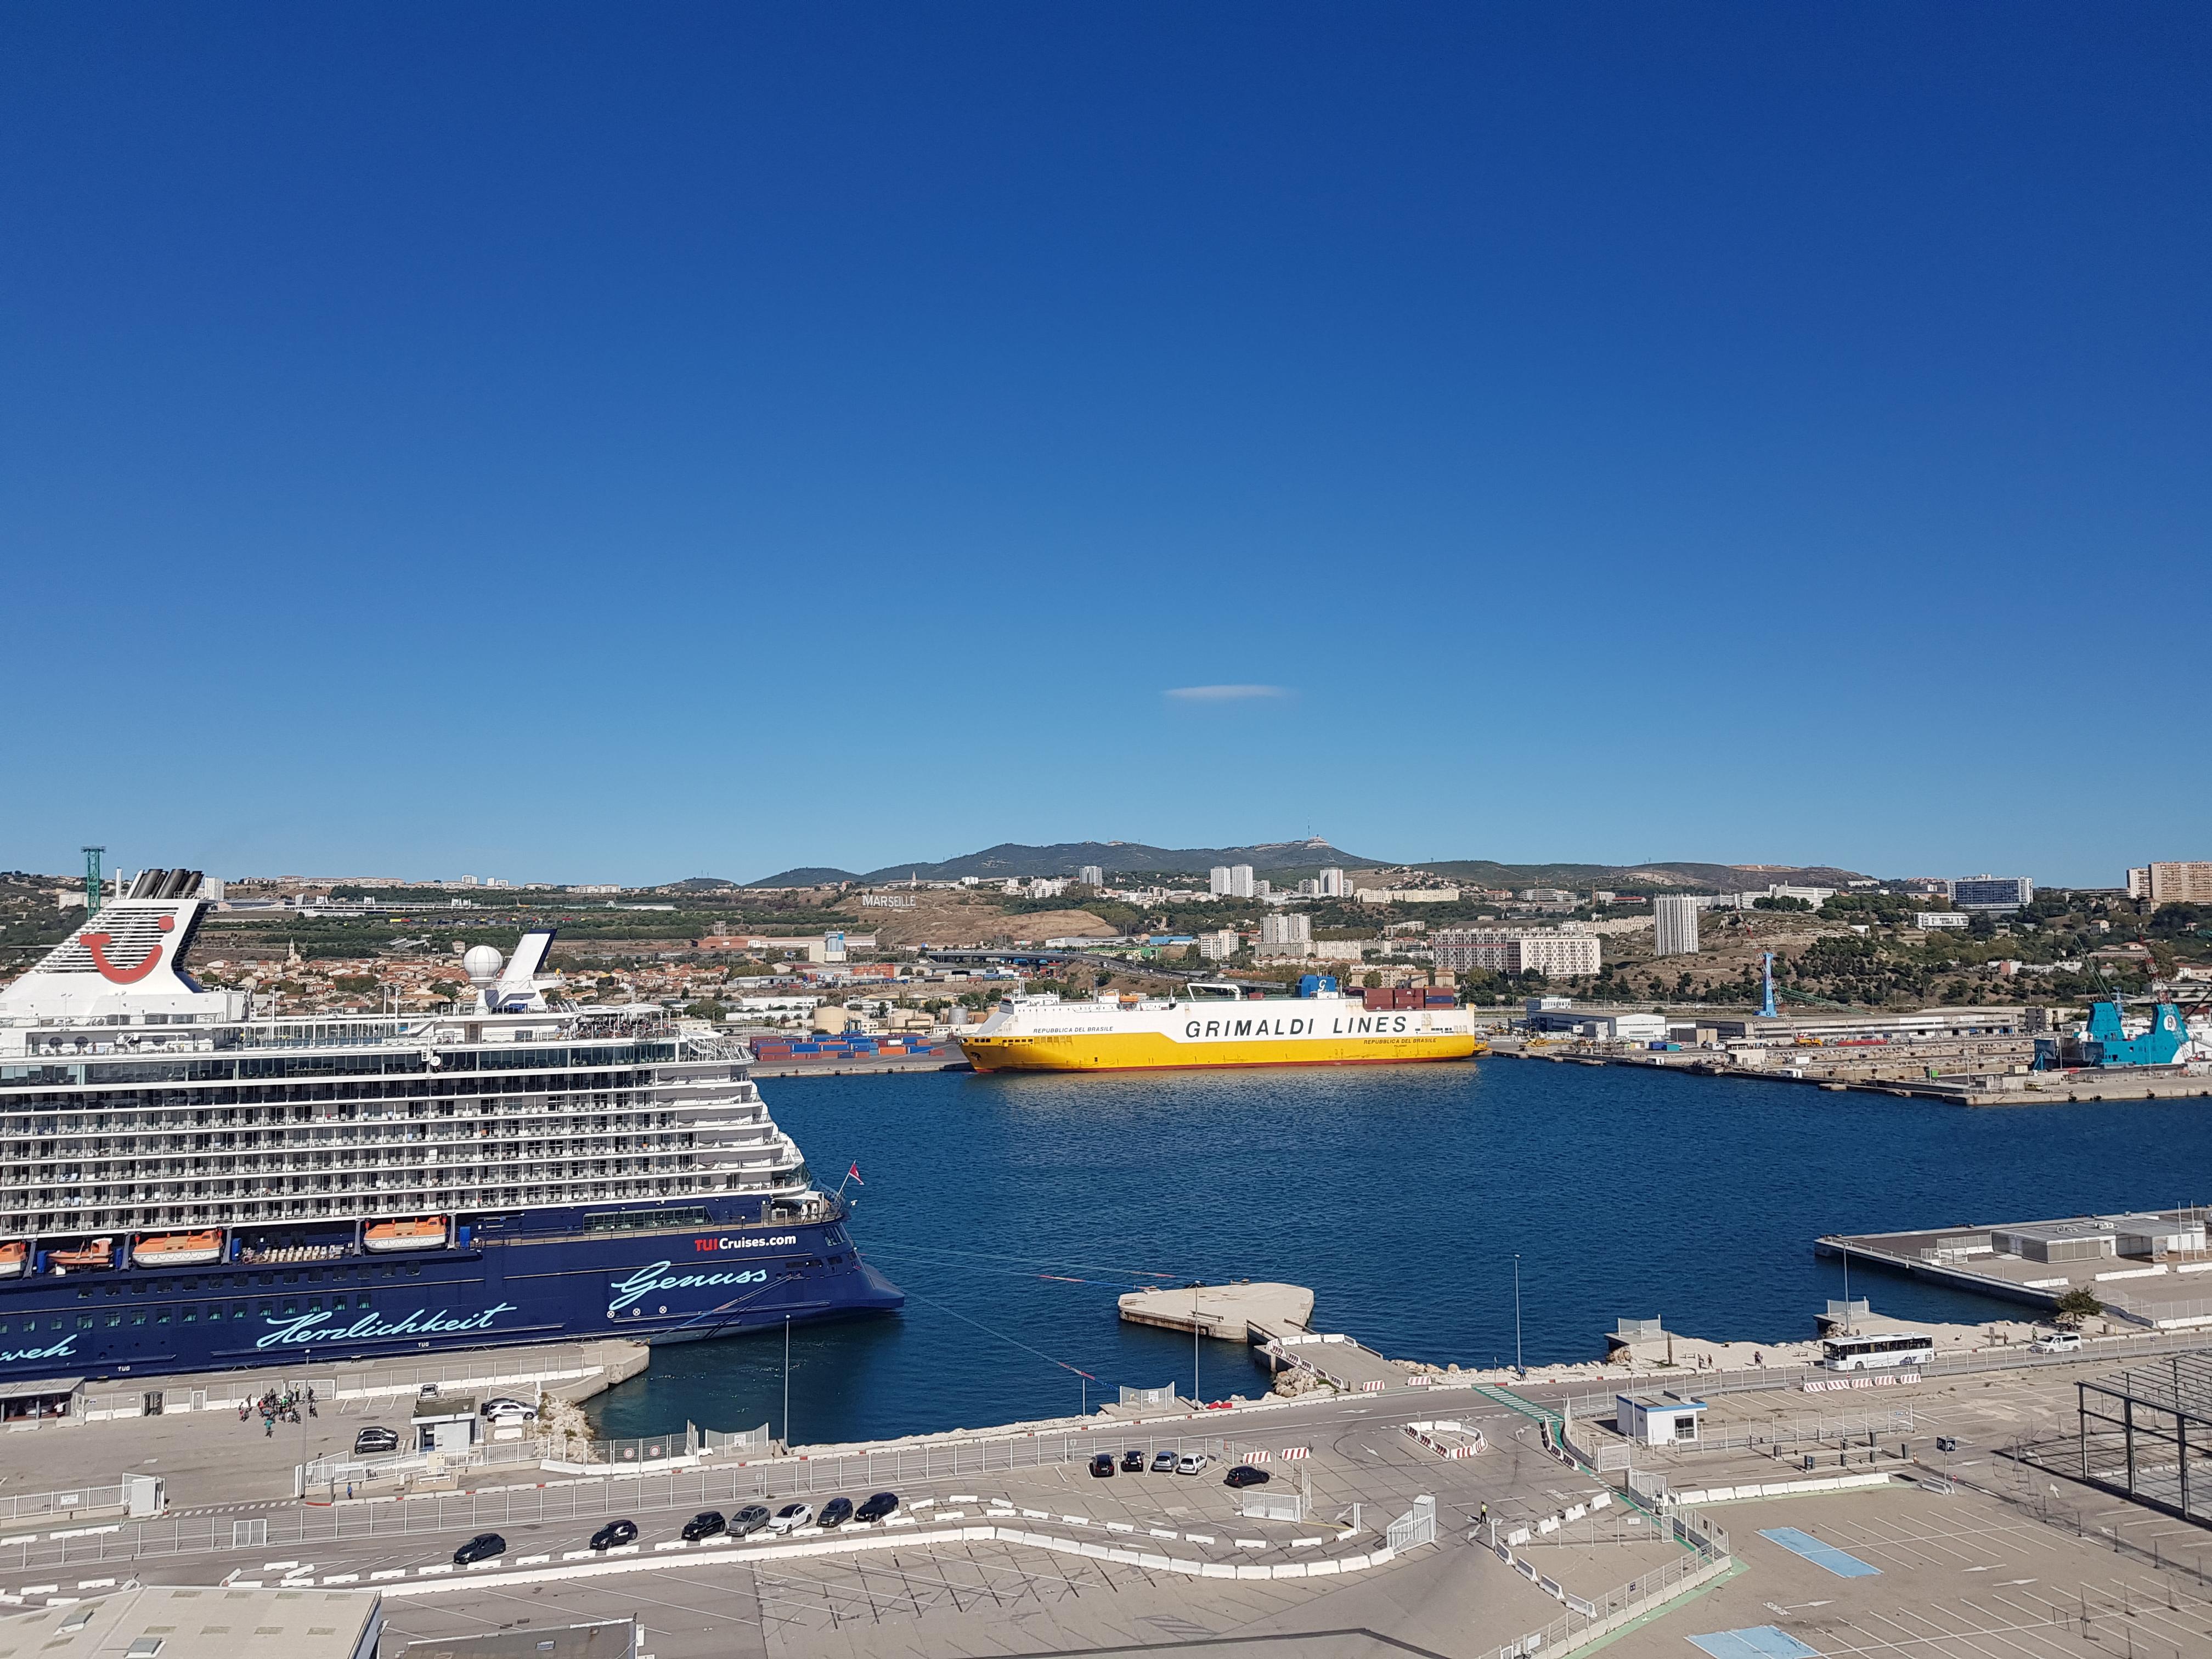 Mittelmeer-Kreuzfahrt: Routen, Tipps & Sehenswürdigkeiten